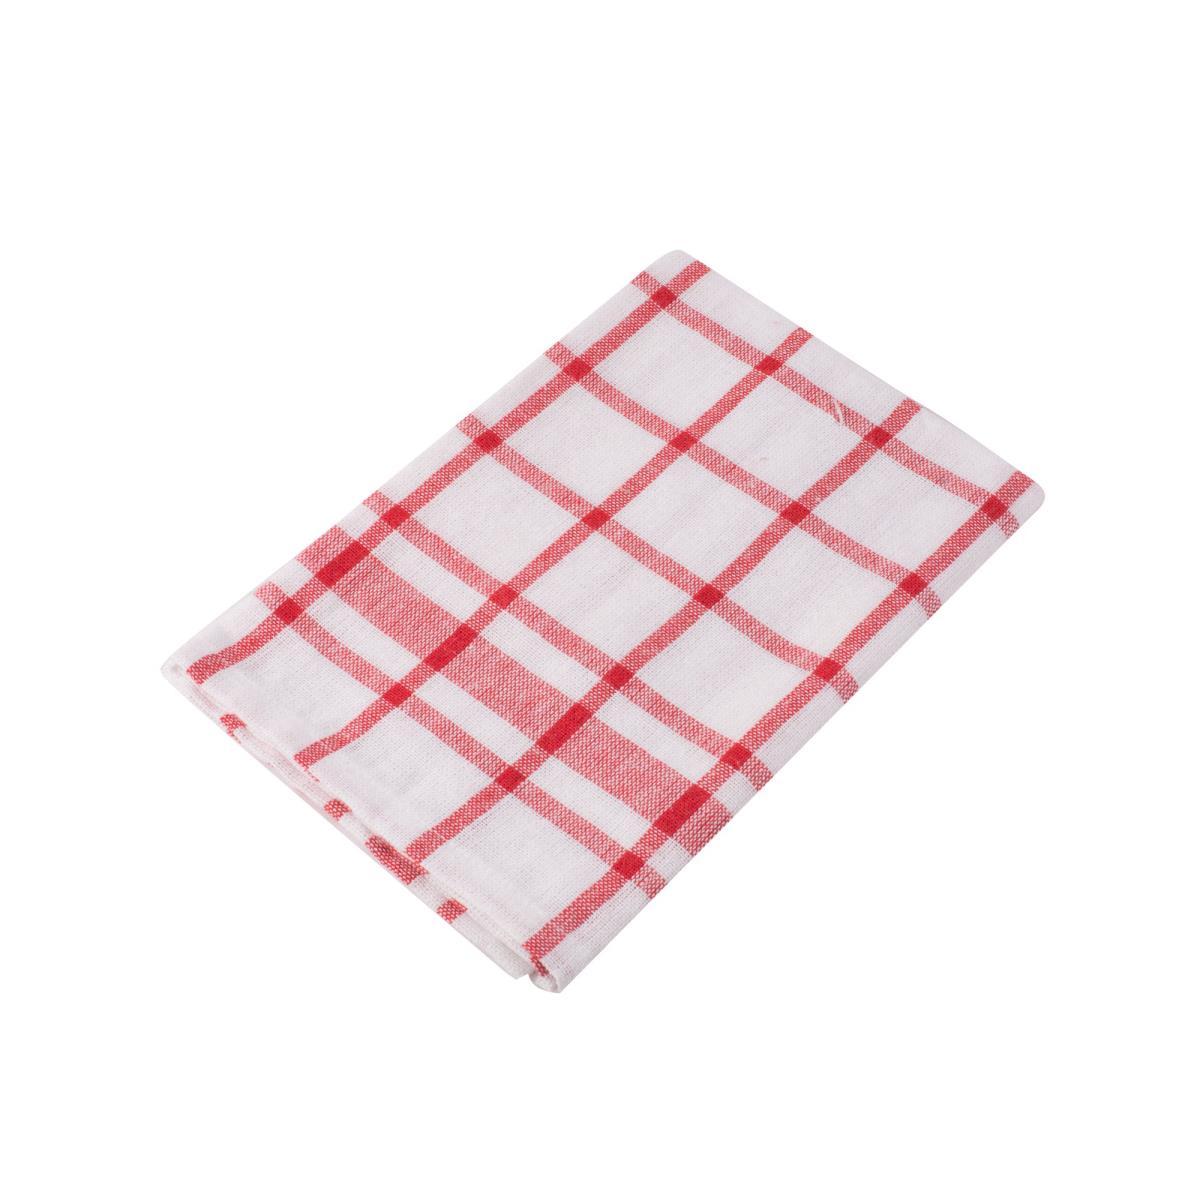 3x Küchenhandtücher Geschirrtuch hängenden Handtuch Küche Tuch 45x45cm,OKKO,4772013144069, 4243067014726